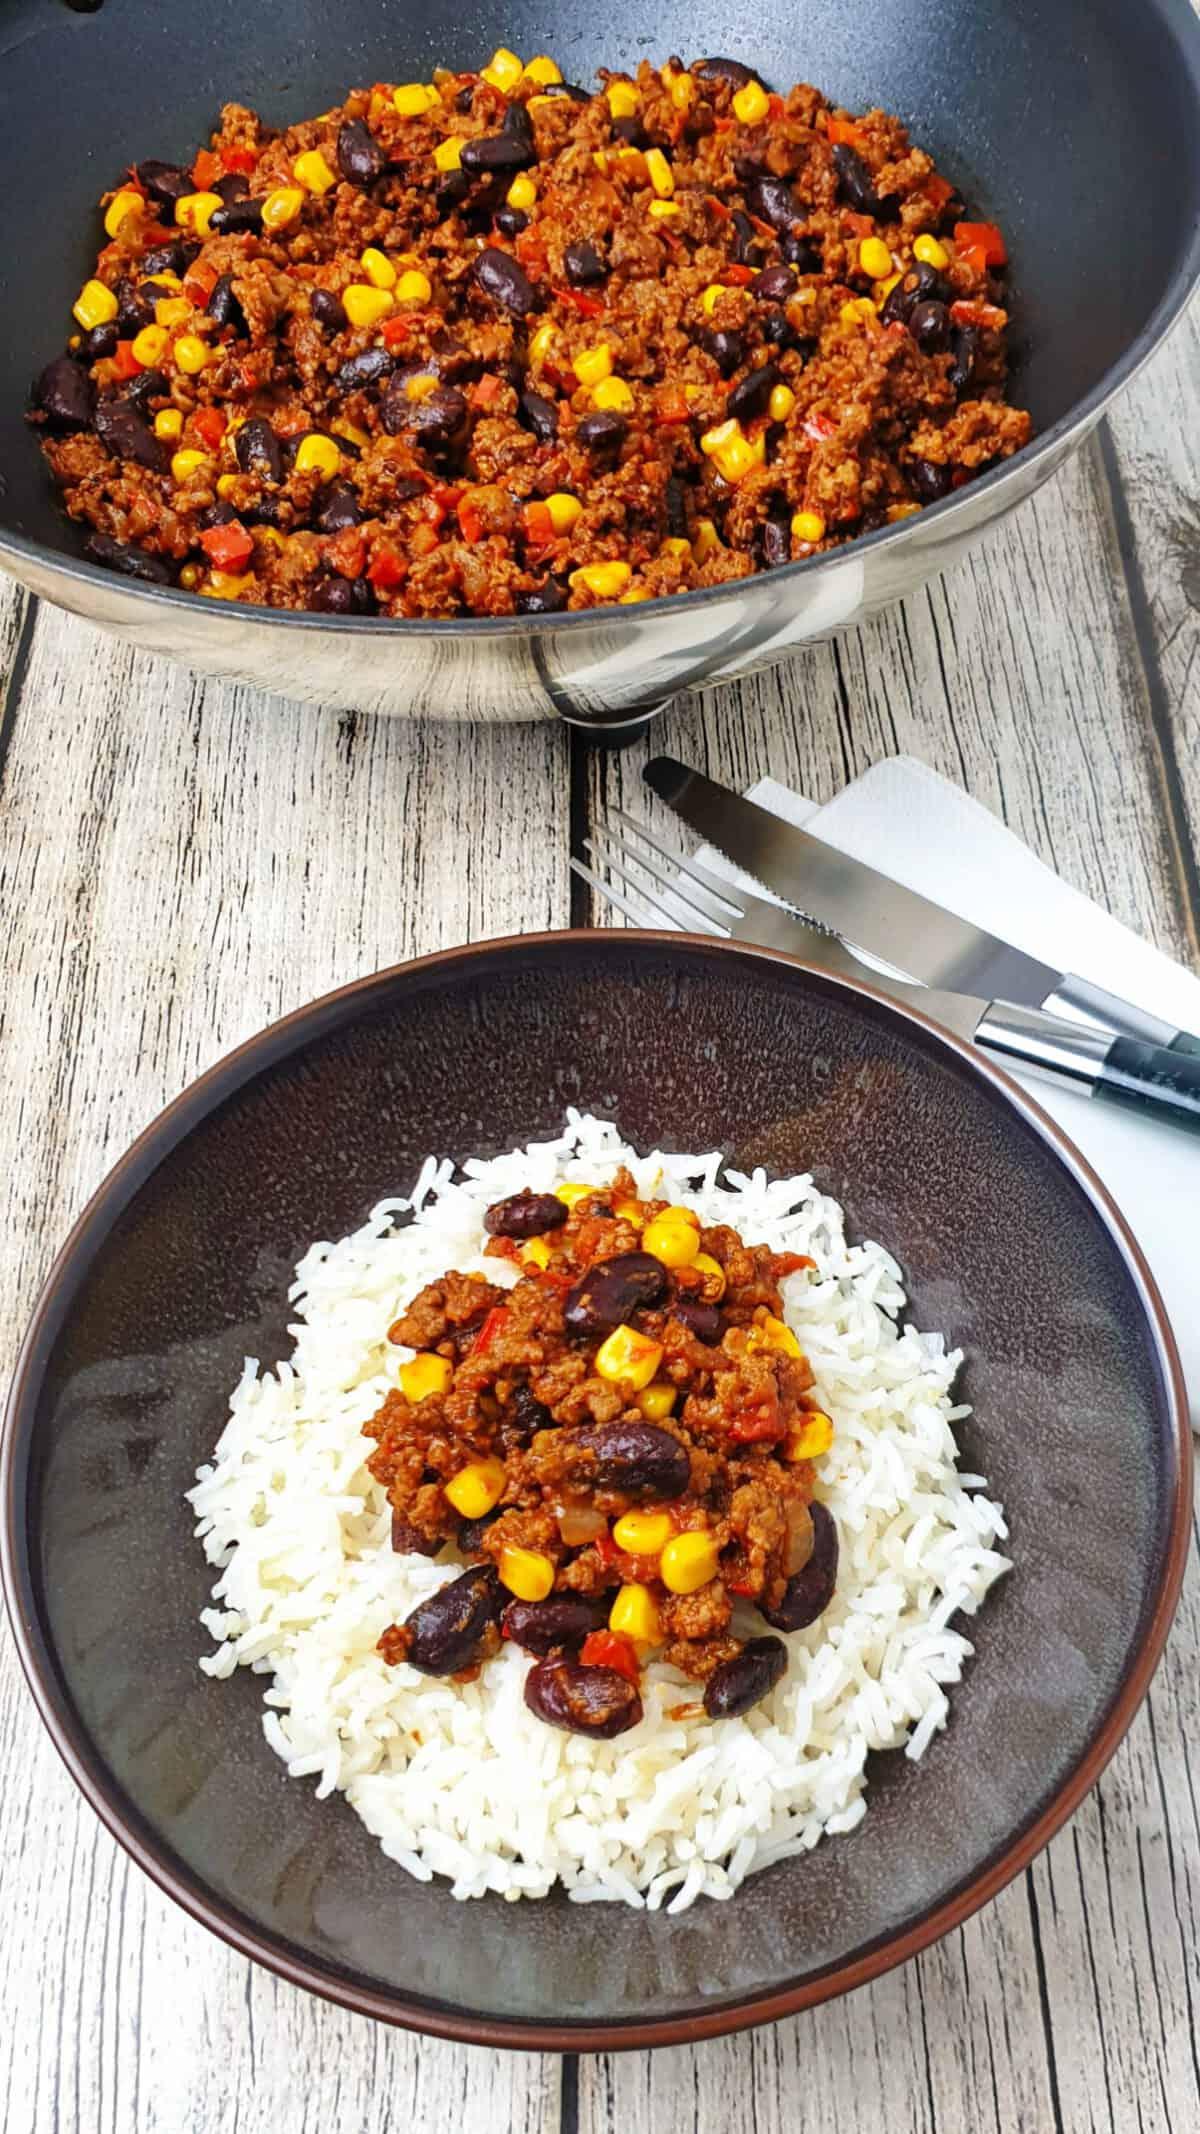 In einer braunen Schale Chili con Carne mit Reis. Im Hintergrund eine Pfanne mit Chili.